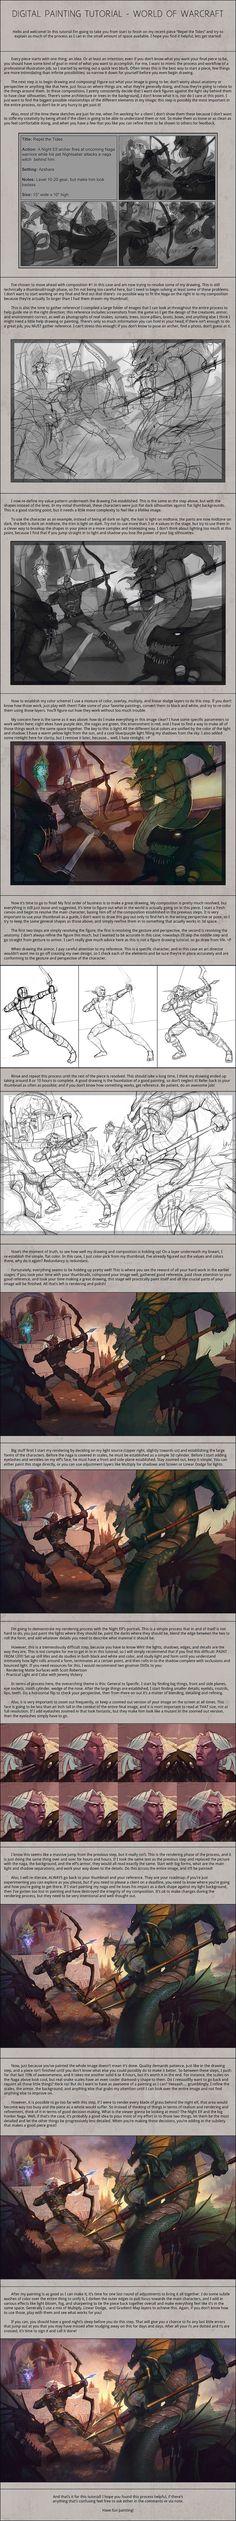 Digital Painting Tutorial - World of Warcraft by Andantonius.deviantart.com on @deviantART